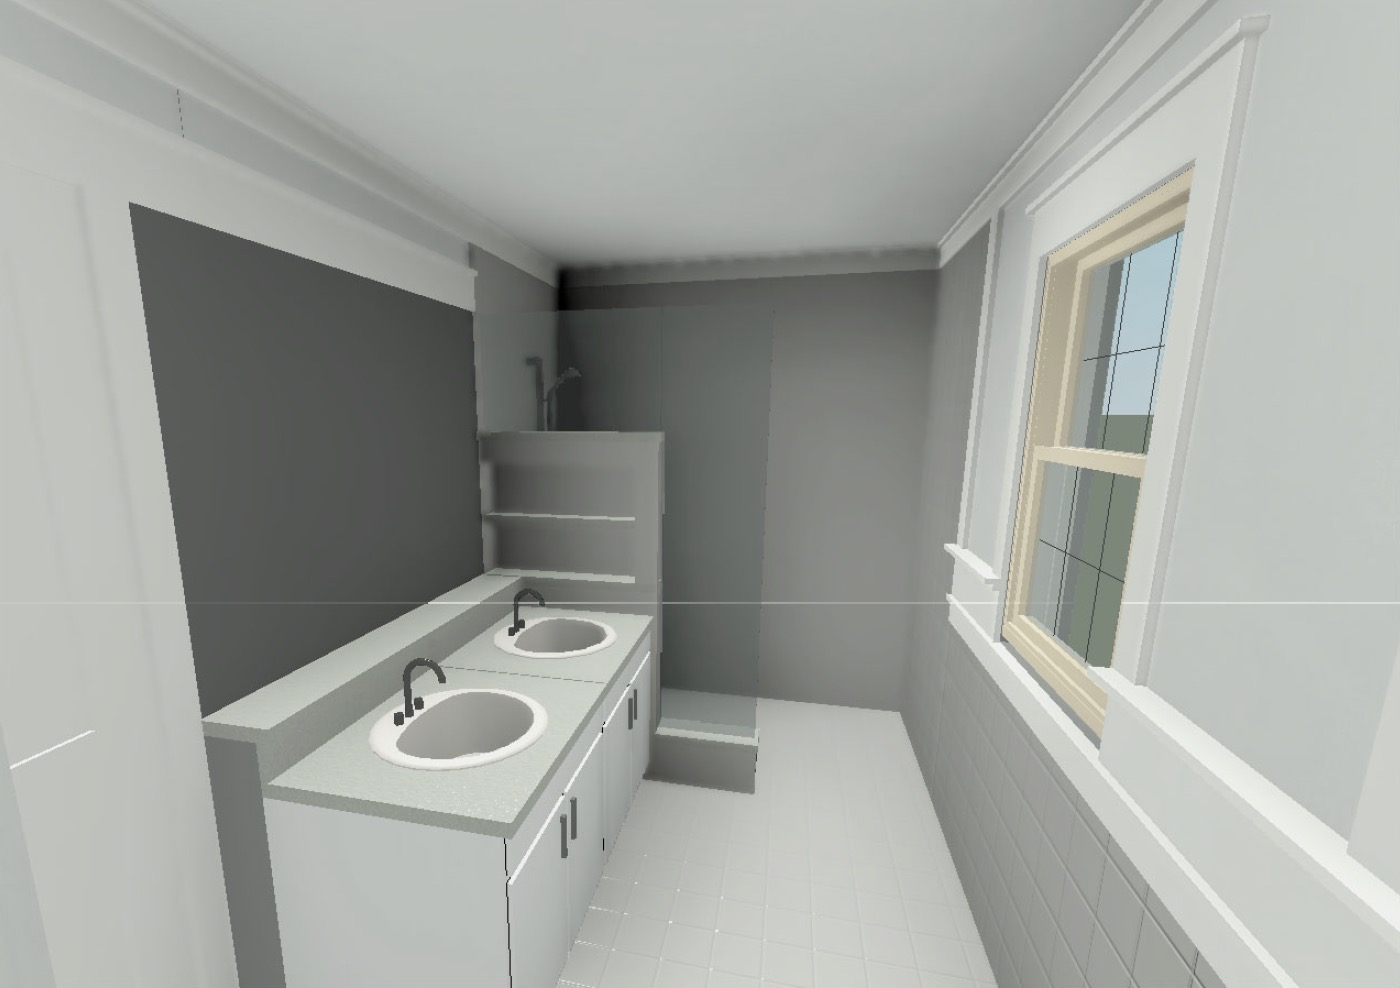 master-bathroom-renovation-plans.JPG